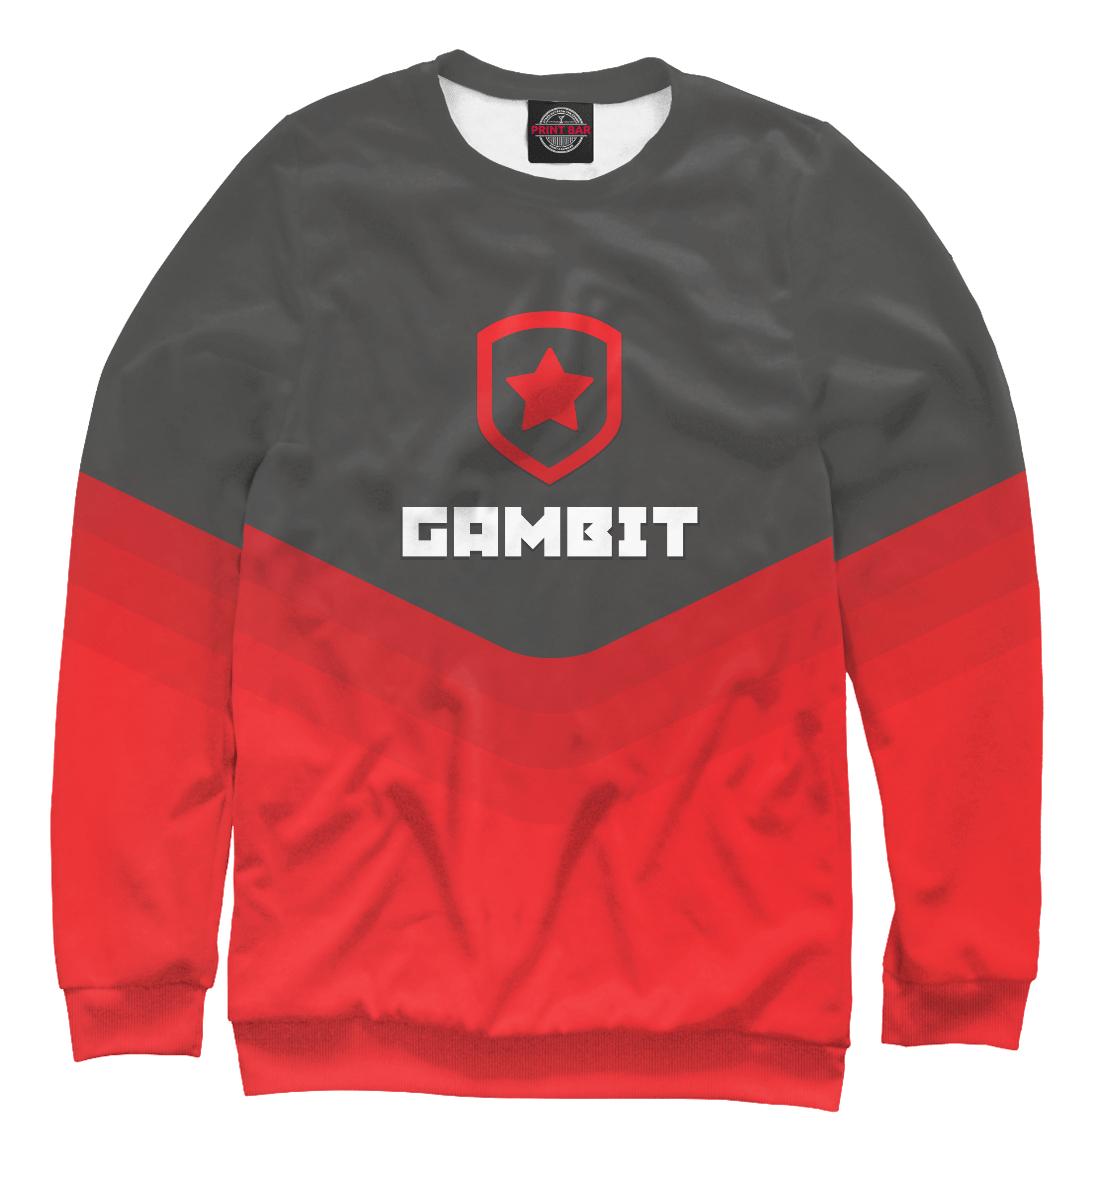 Купить Gambit Gaming Team, Printbar, Свитшоты, COU-847977-swi-1